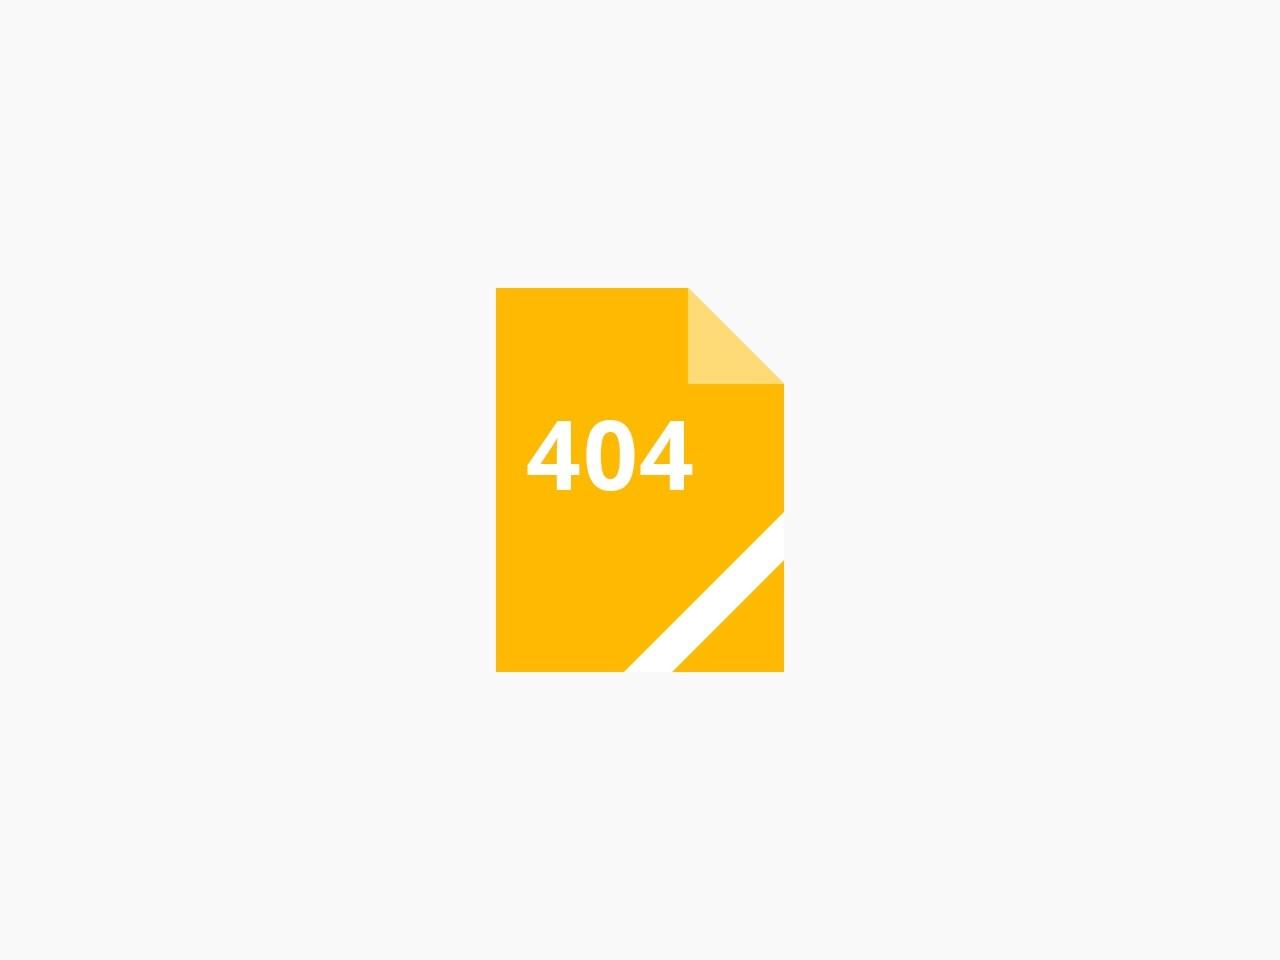 恭喜學生賴承閔、黃軒庭、溫靜妮、曾芛皊參加國泰全國兒童繪畫比賽榮獲佳績